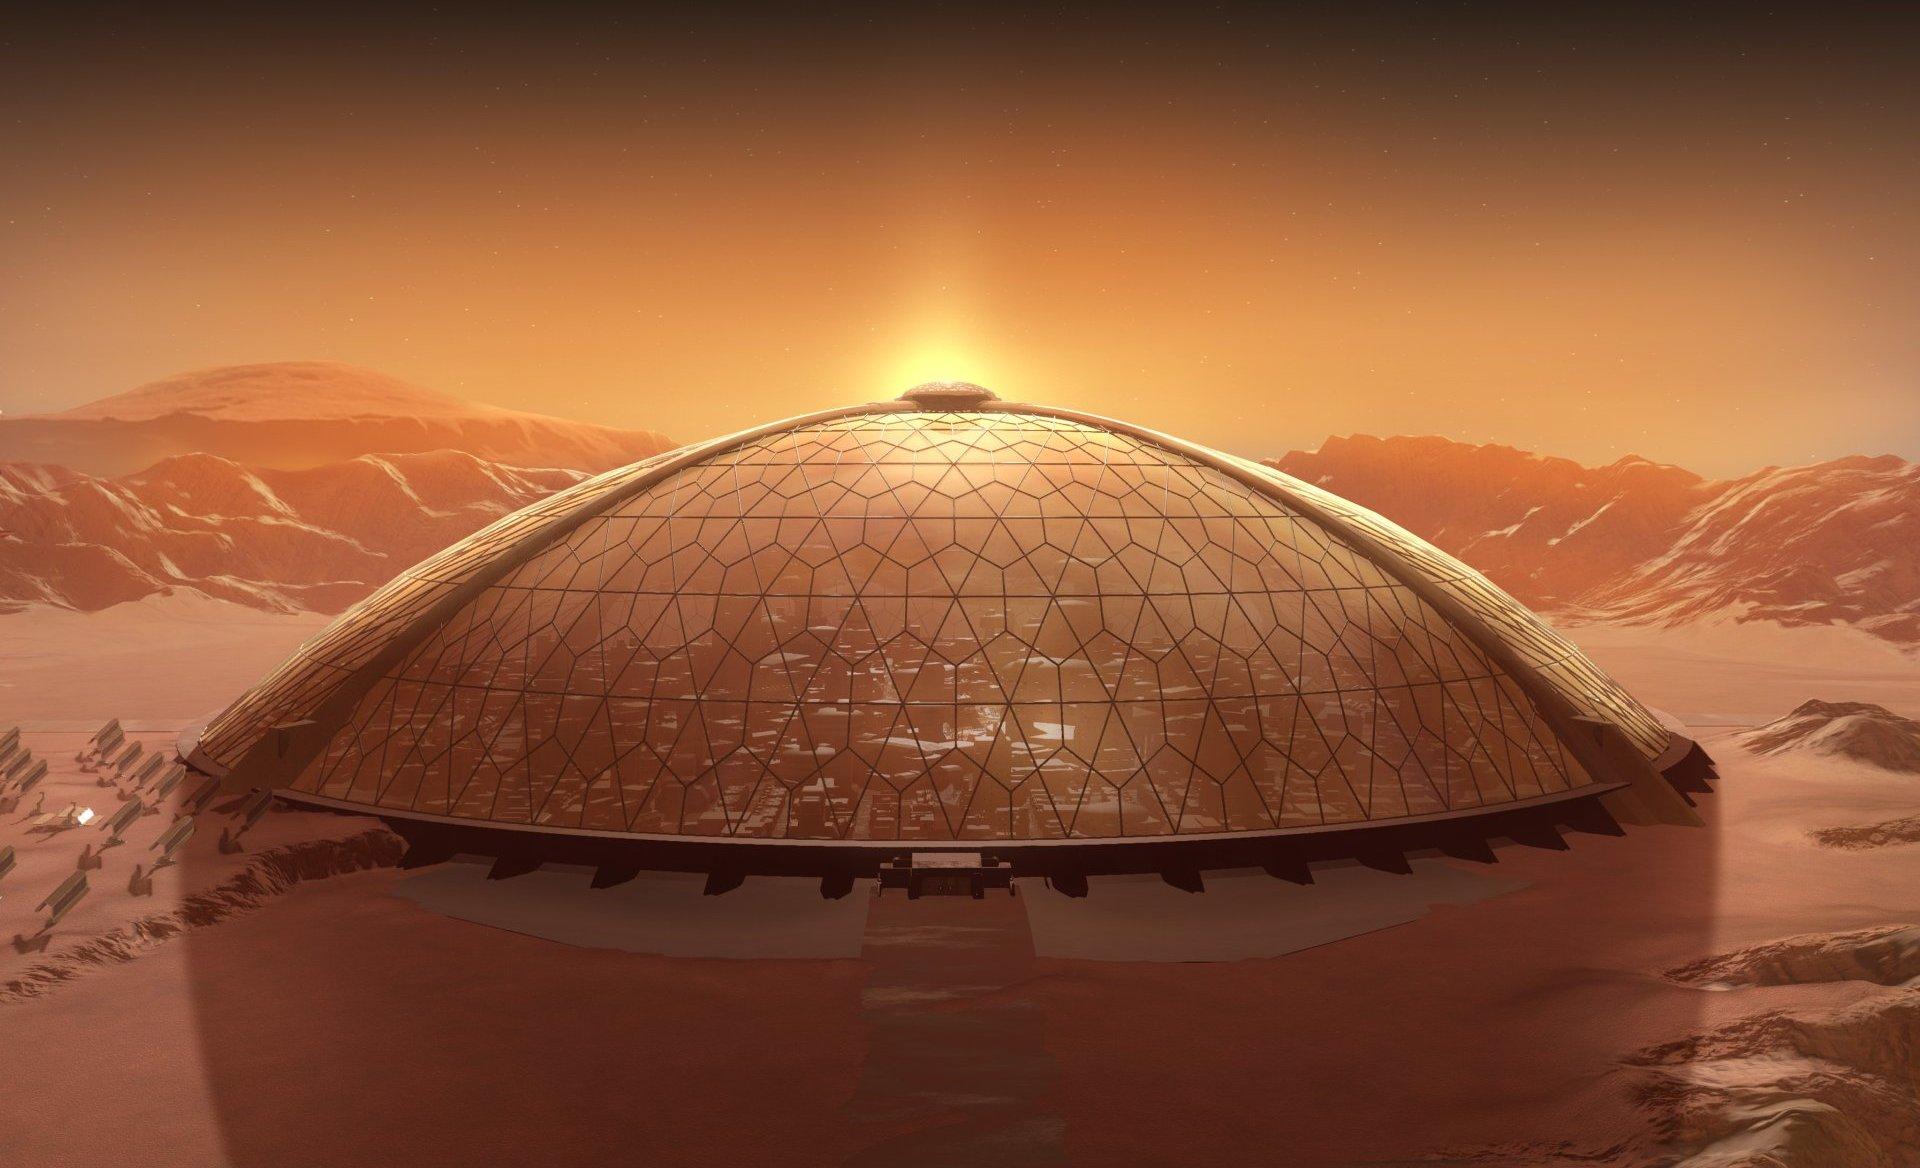 Forse in futuro costruiremo cupole su Marte grazie all'aerogel di silice